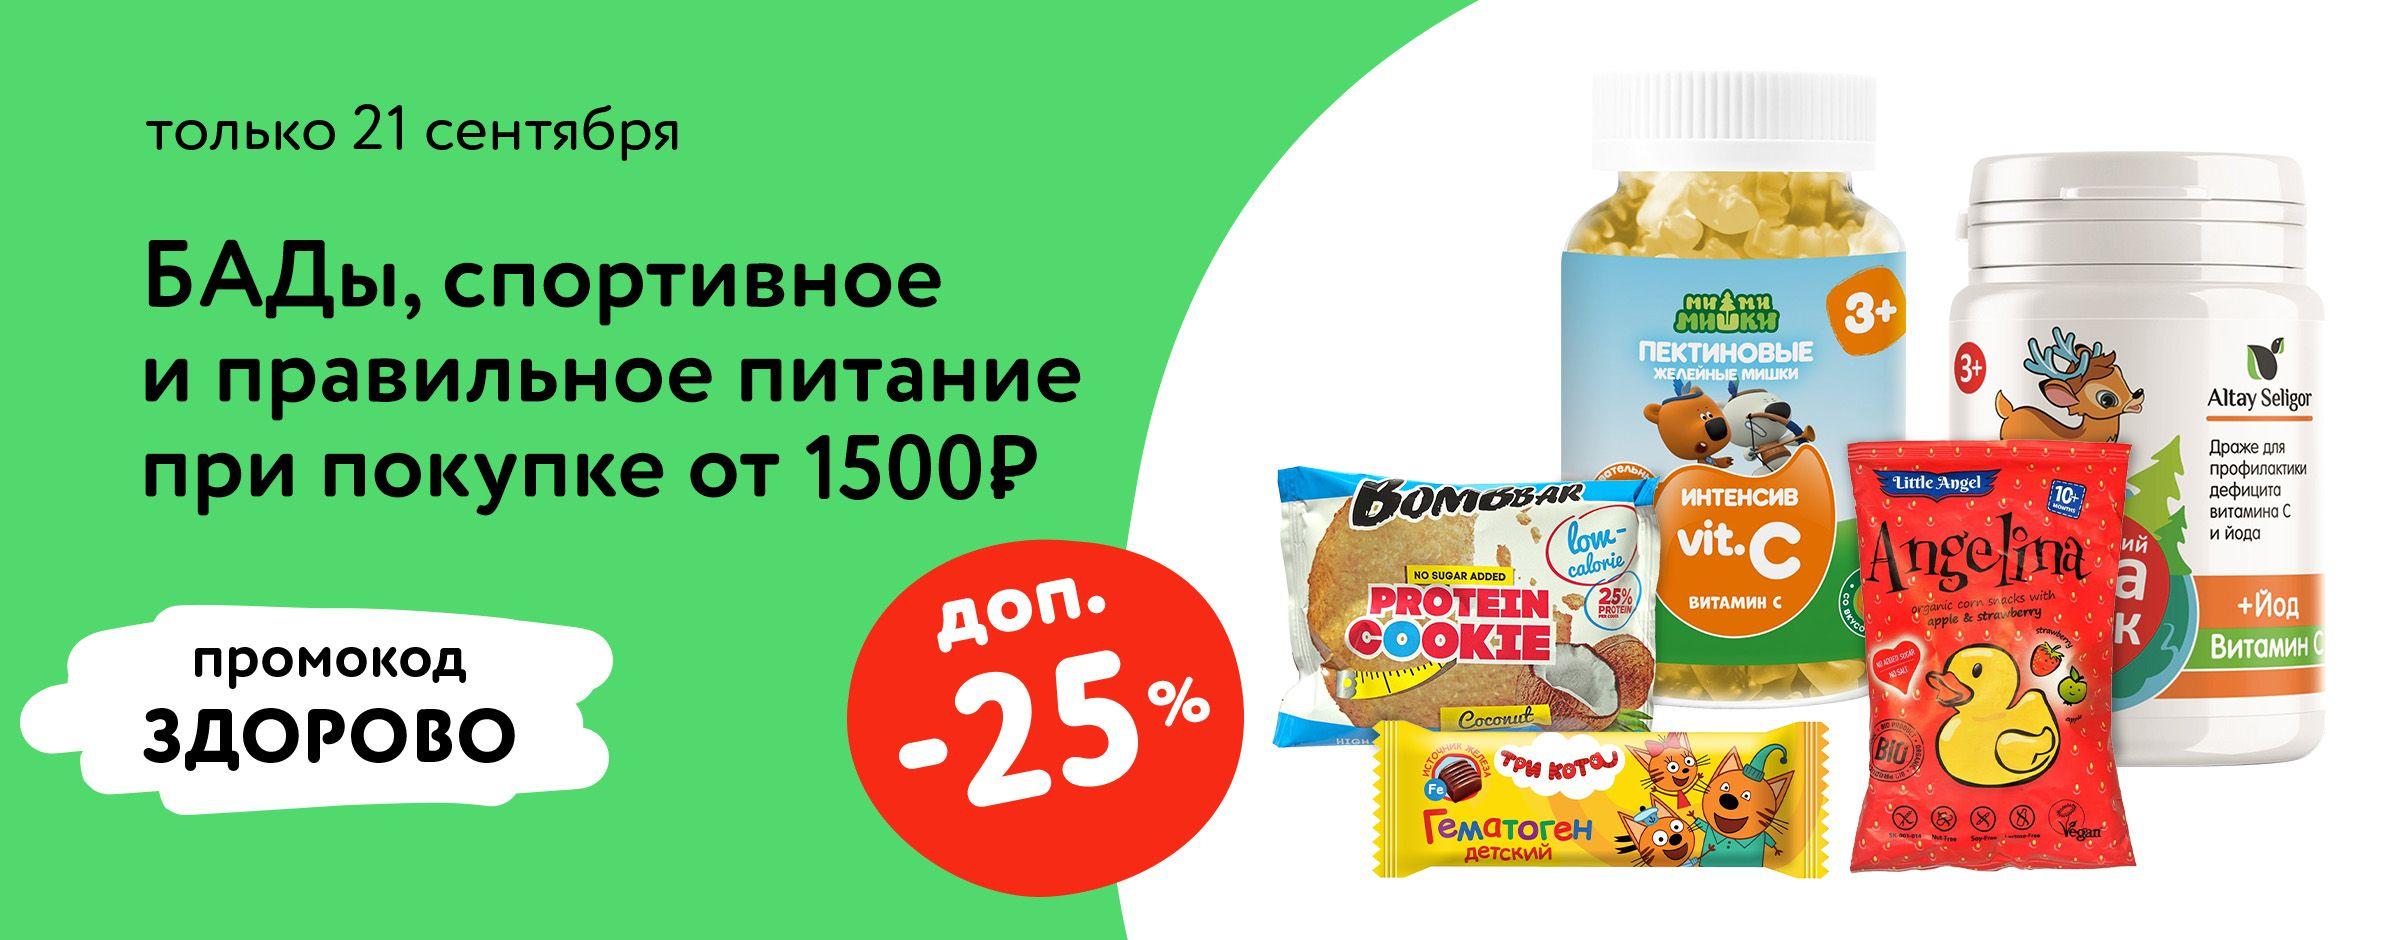 25% на продукты для здоровья и спорта при покупке от 1500 руб. ЗДОРОВО статика + категория